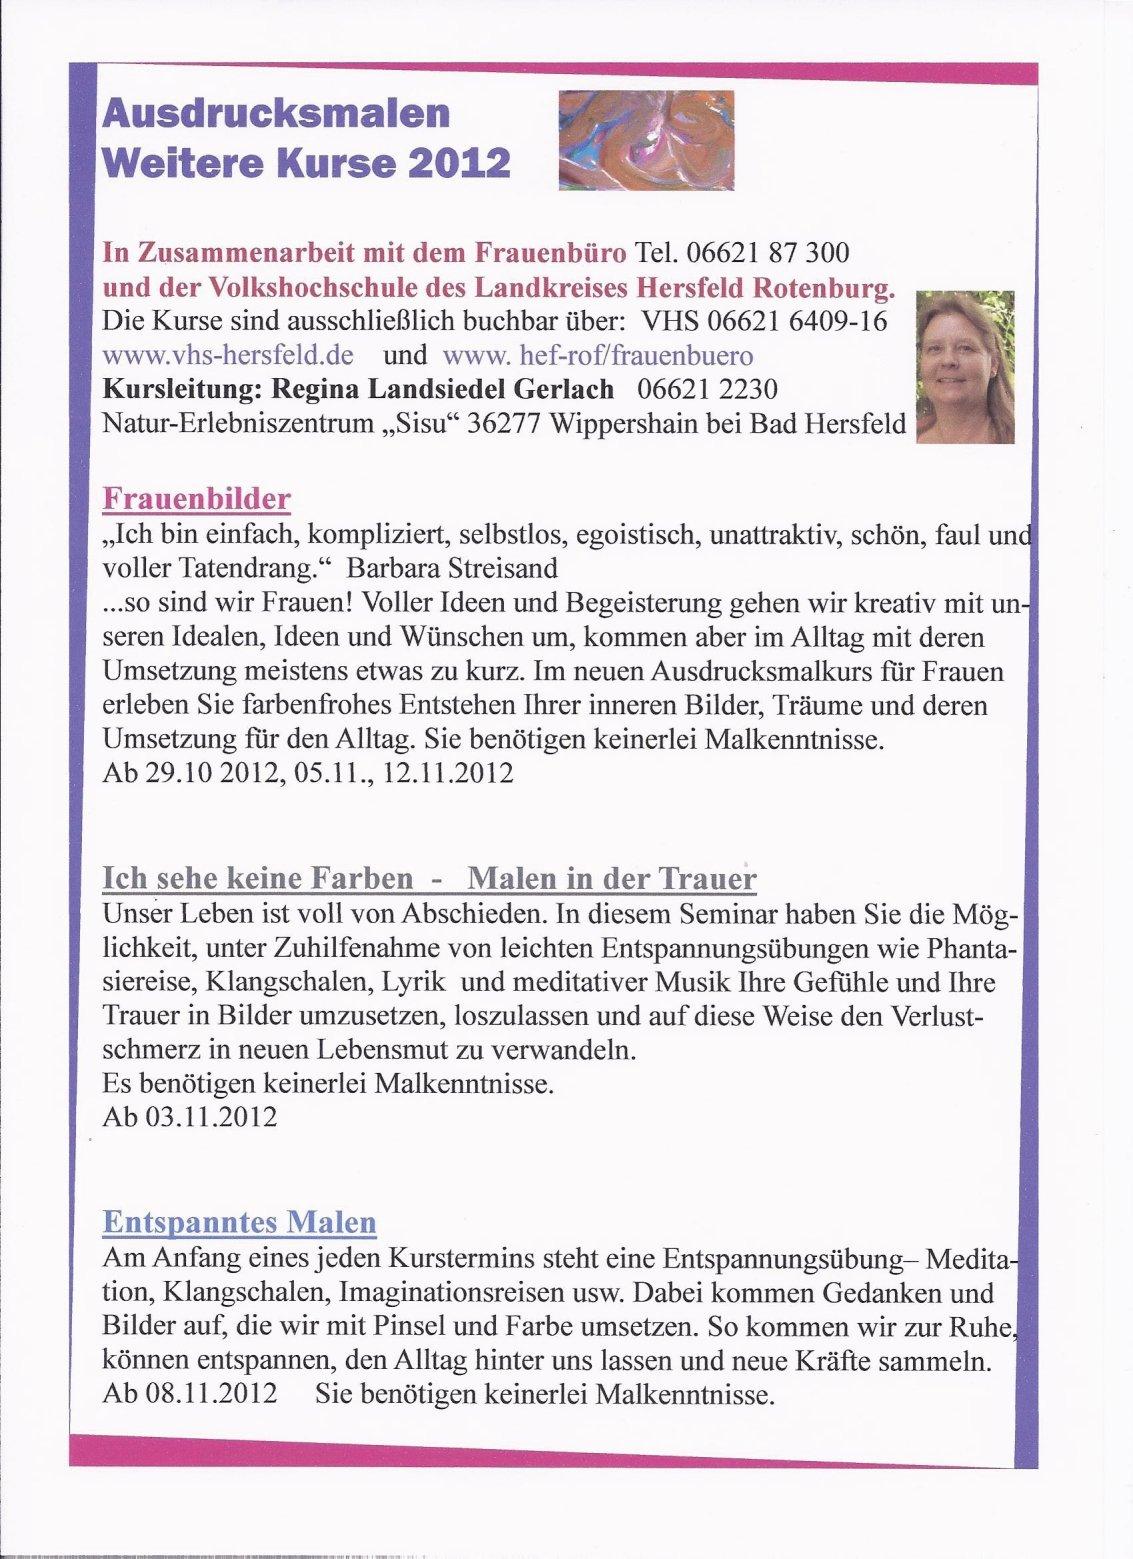 Kursangebot - Ausdrucksmalen Herbst 2012 VHS und Frauenbüro Bad Hersfeld-Rotenburg